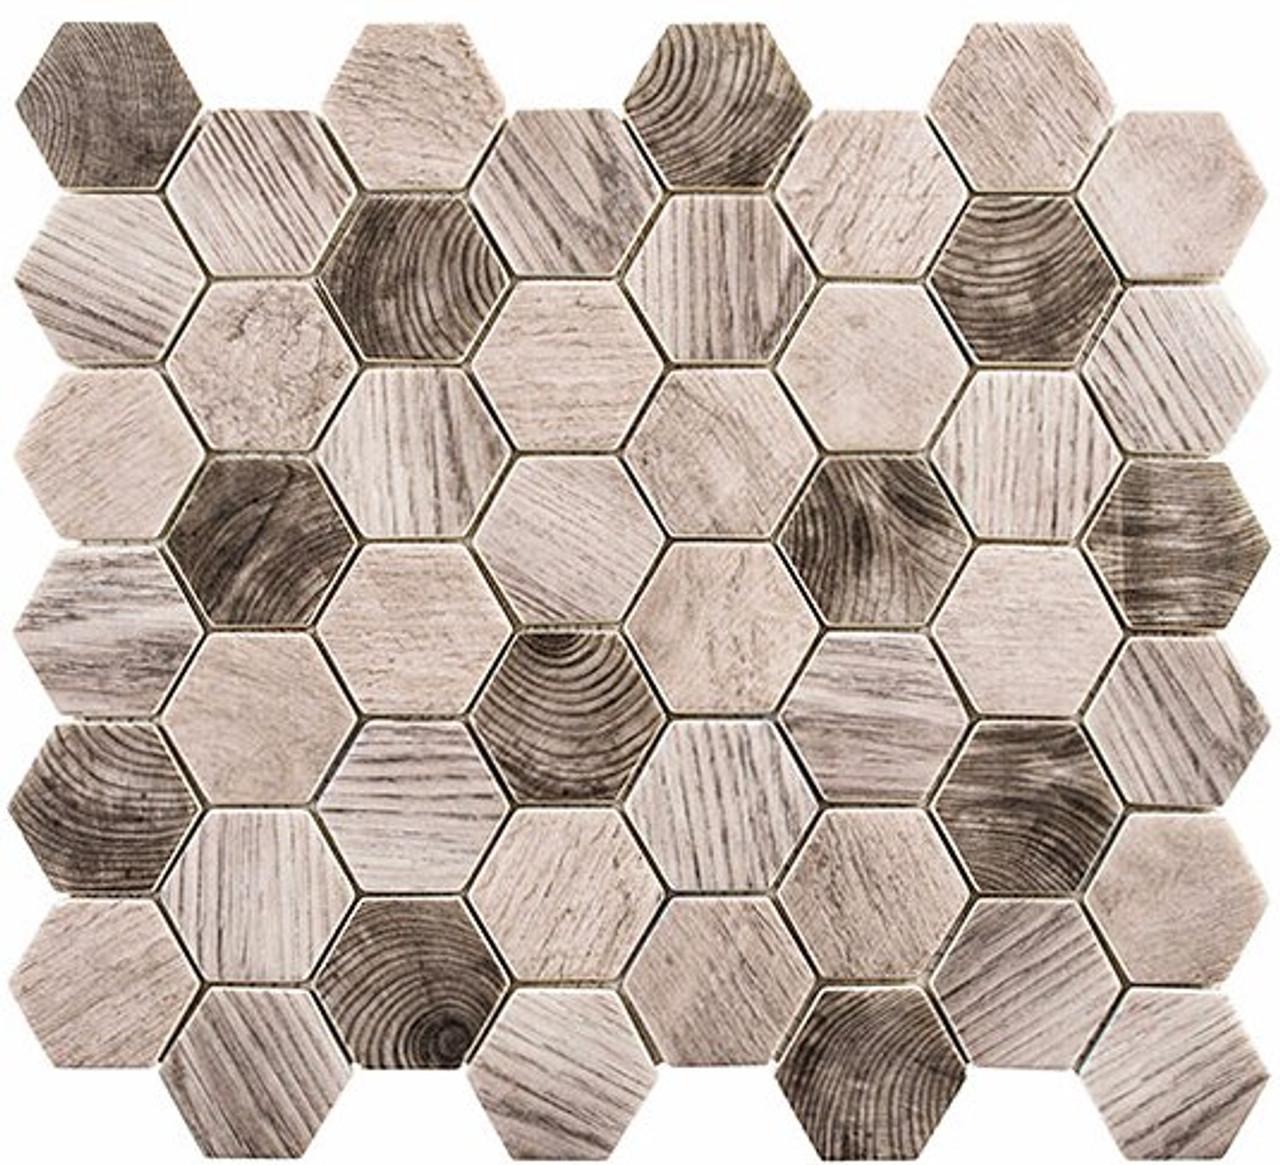 Bella Glass Tiles Woodland Series Evening Beach